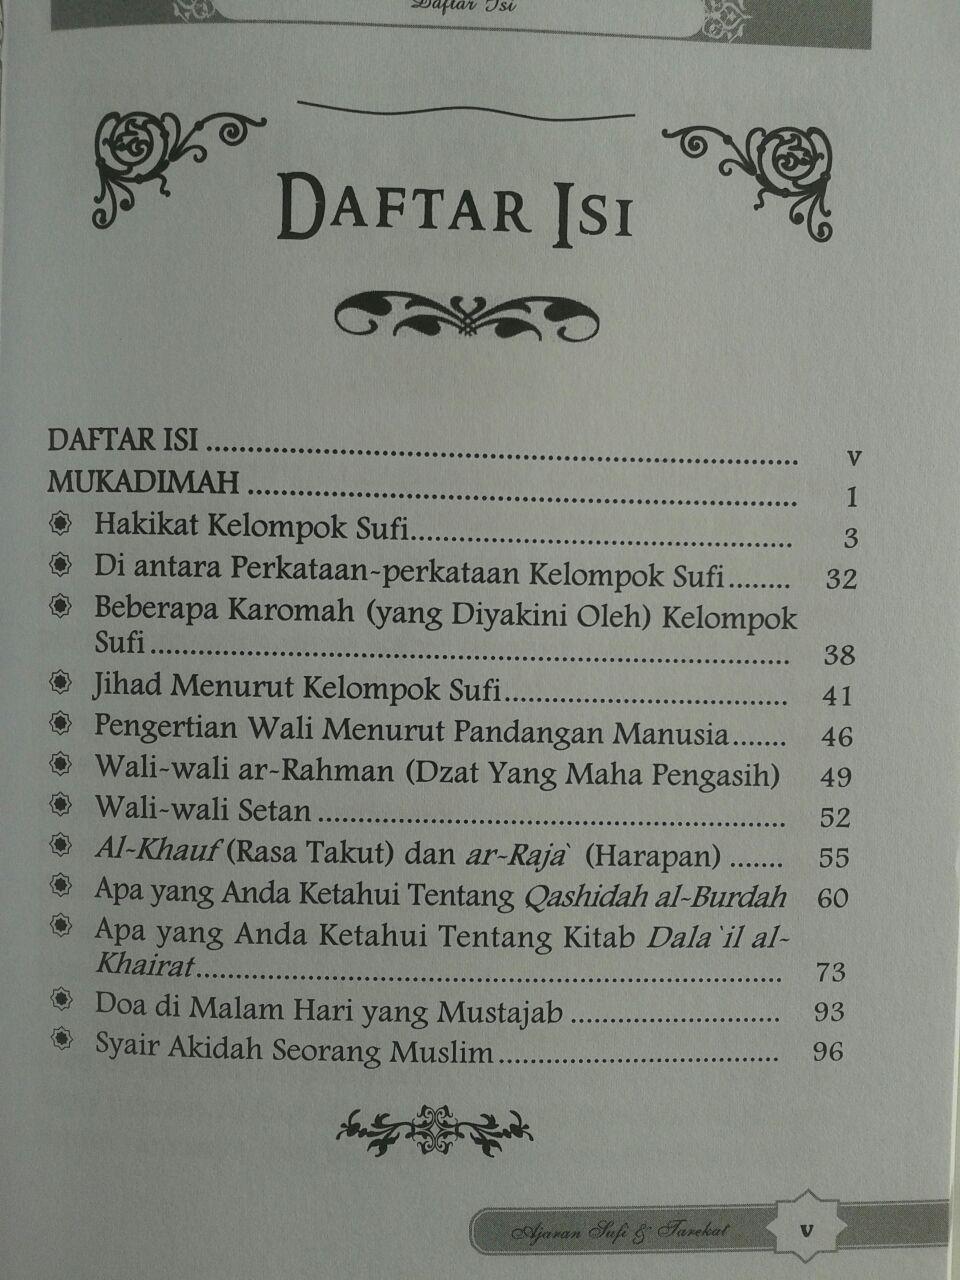 Buku Ajaran Sufi Dan Tarekat Dalam Timbangan Al-Quran Dan As-Sunnah isi 2